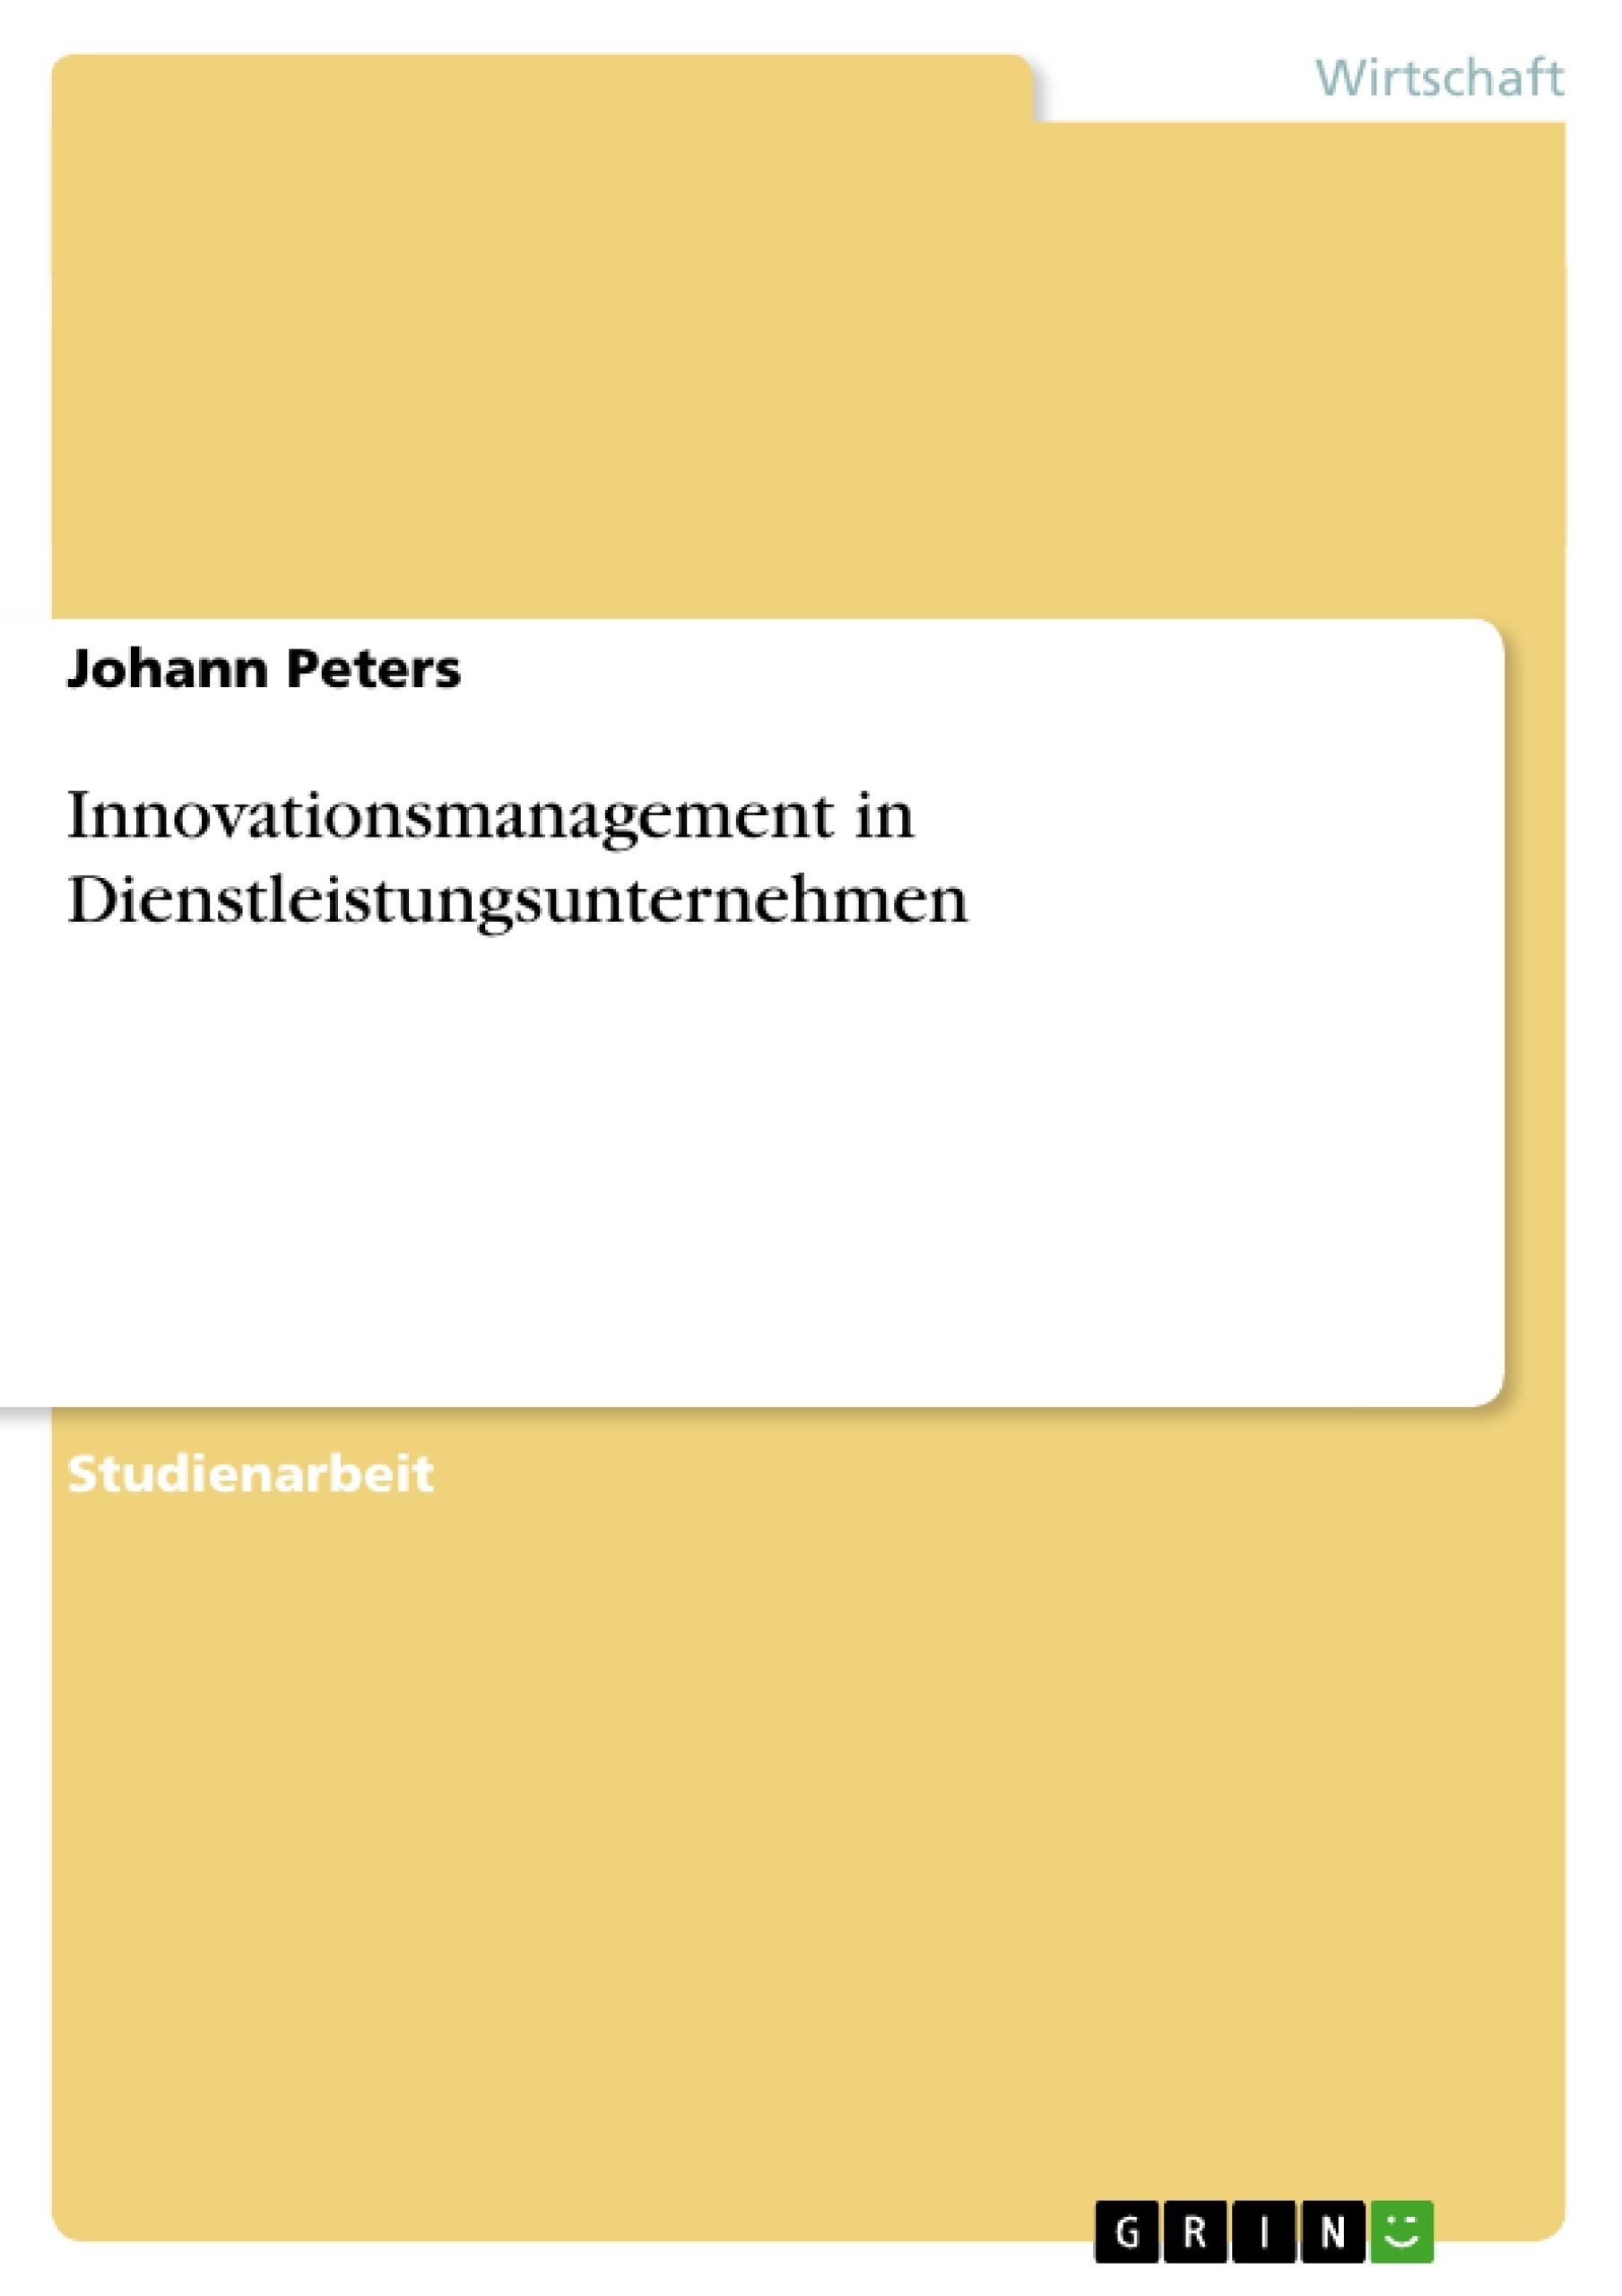 Titel: Innovationsmanagement in Dienstleistungsunternehmen